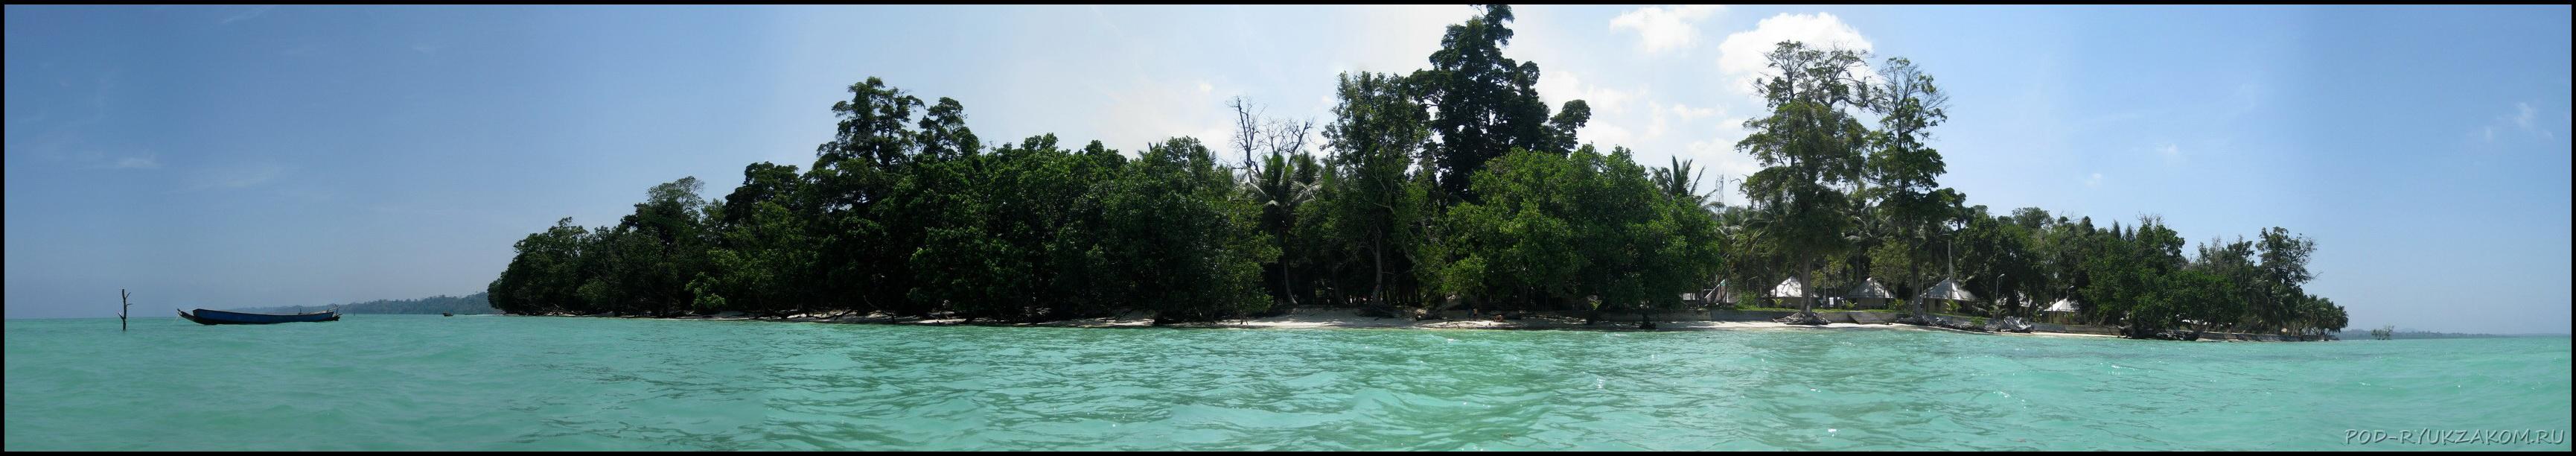 Остров Хавлок